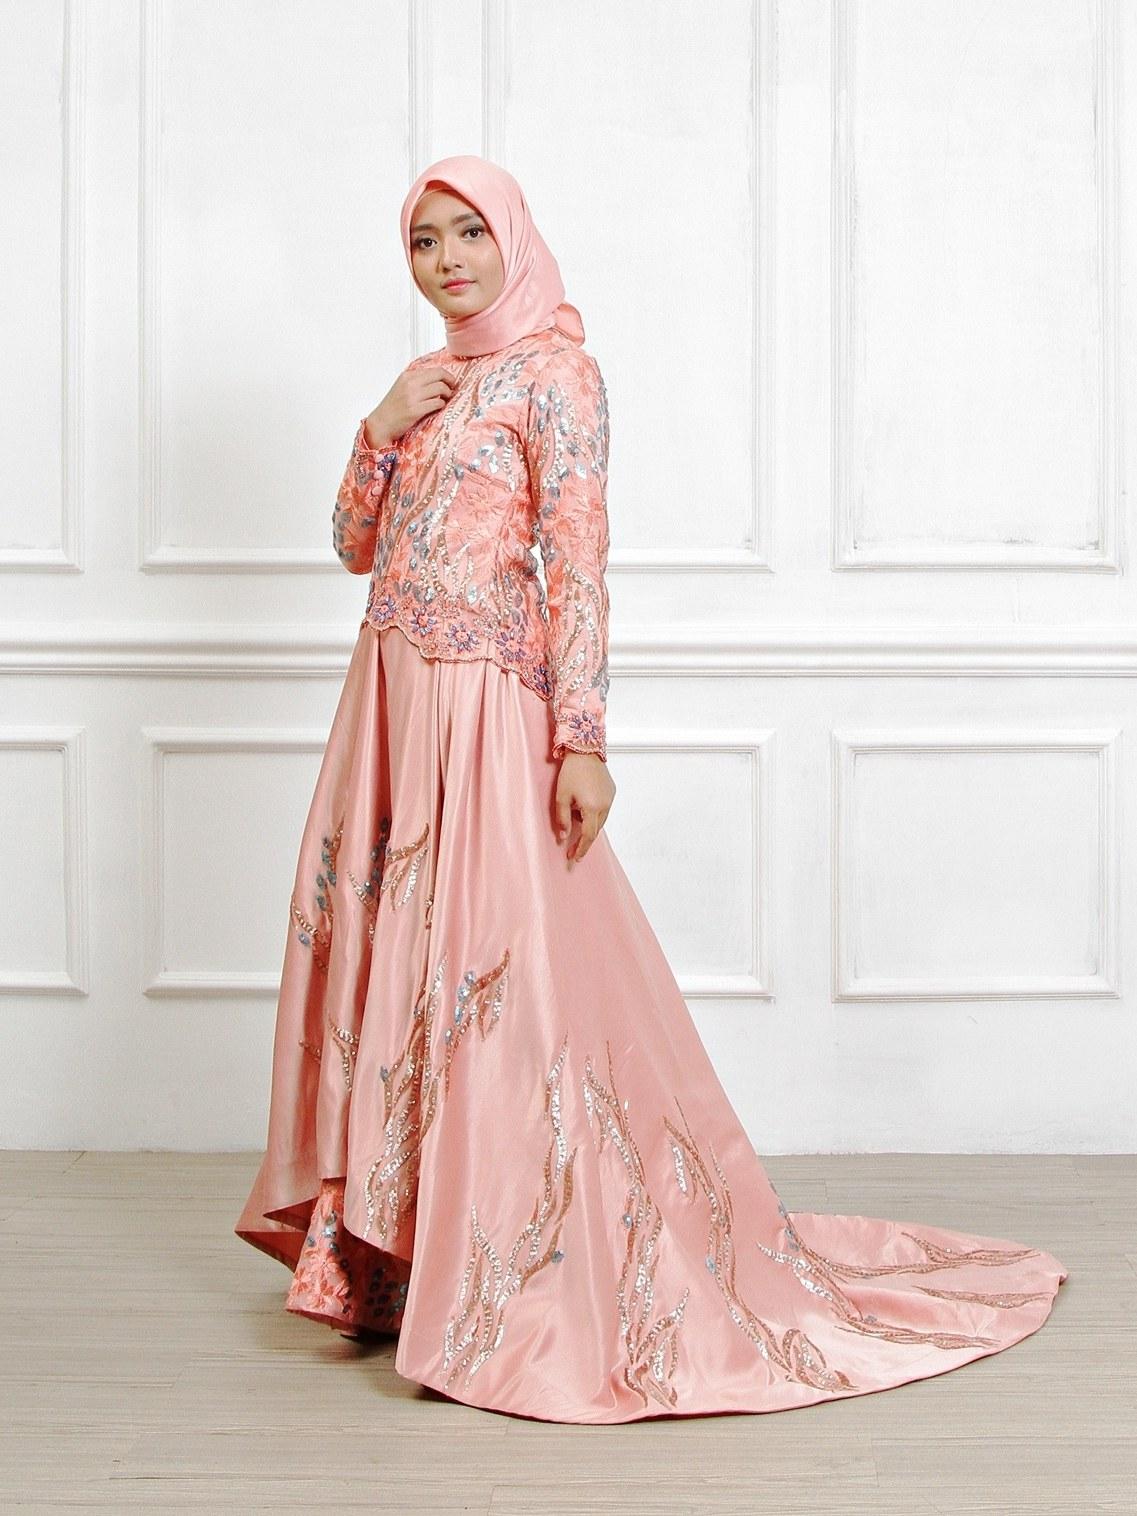 Bentuk Harga Sewa Gaun Pengantin Muslimah Tqd3 Sewa Perdana Baju Pengantin Muslimah Jogja Gaun Pengantin